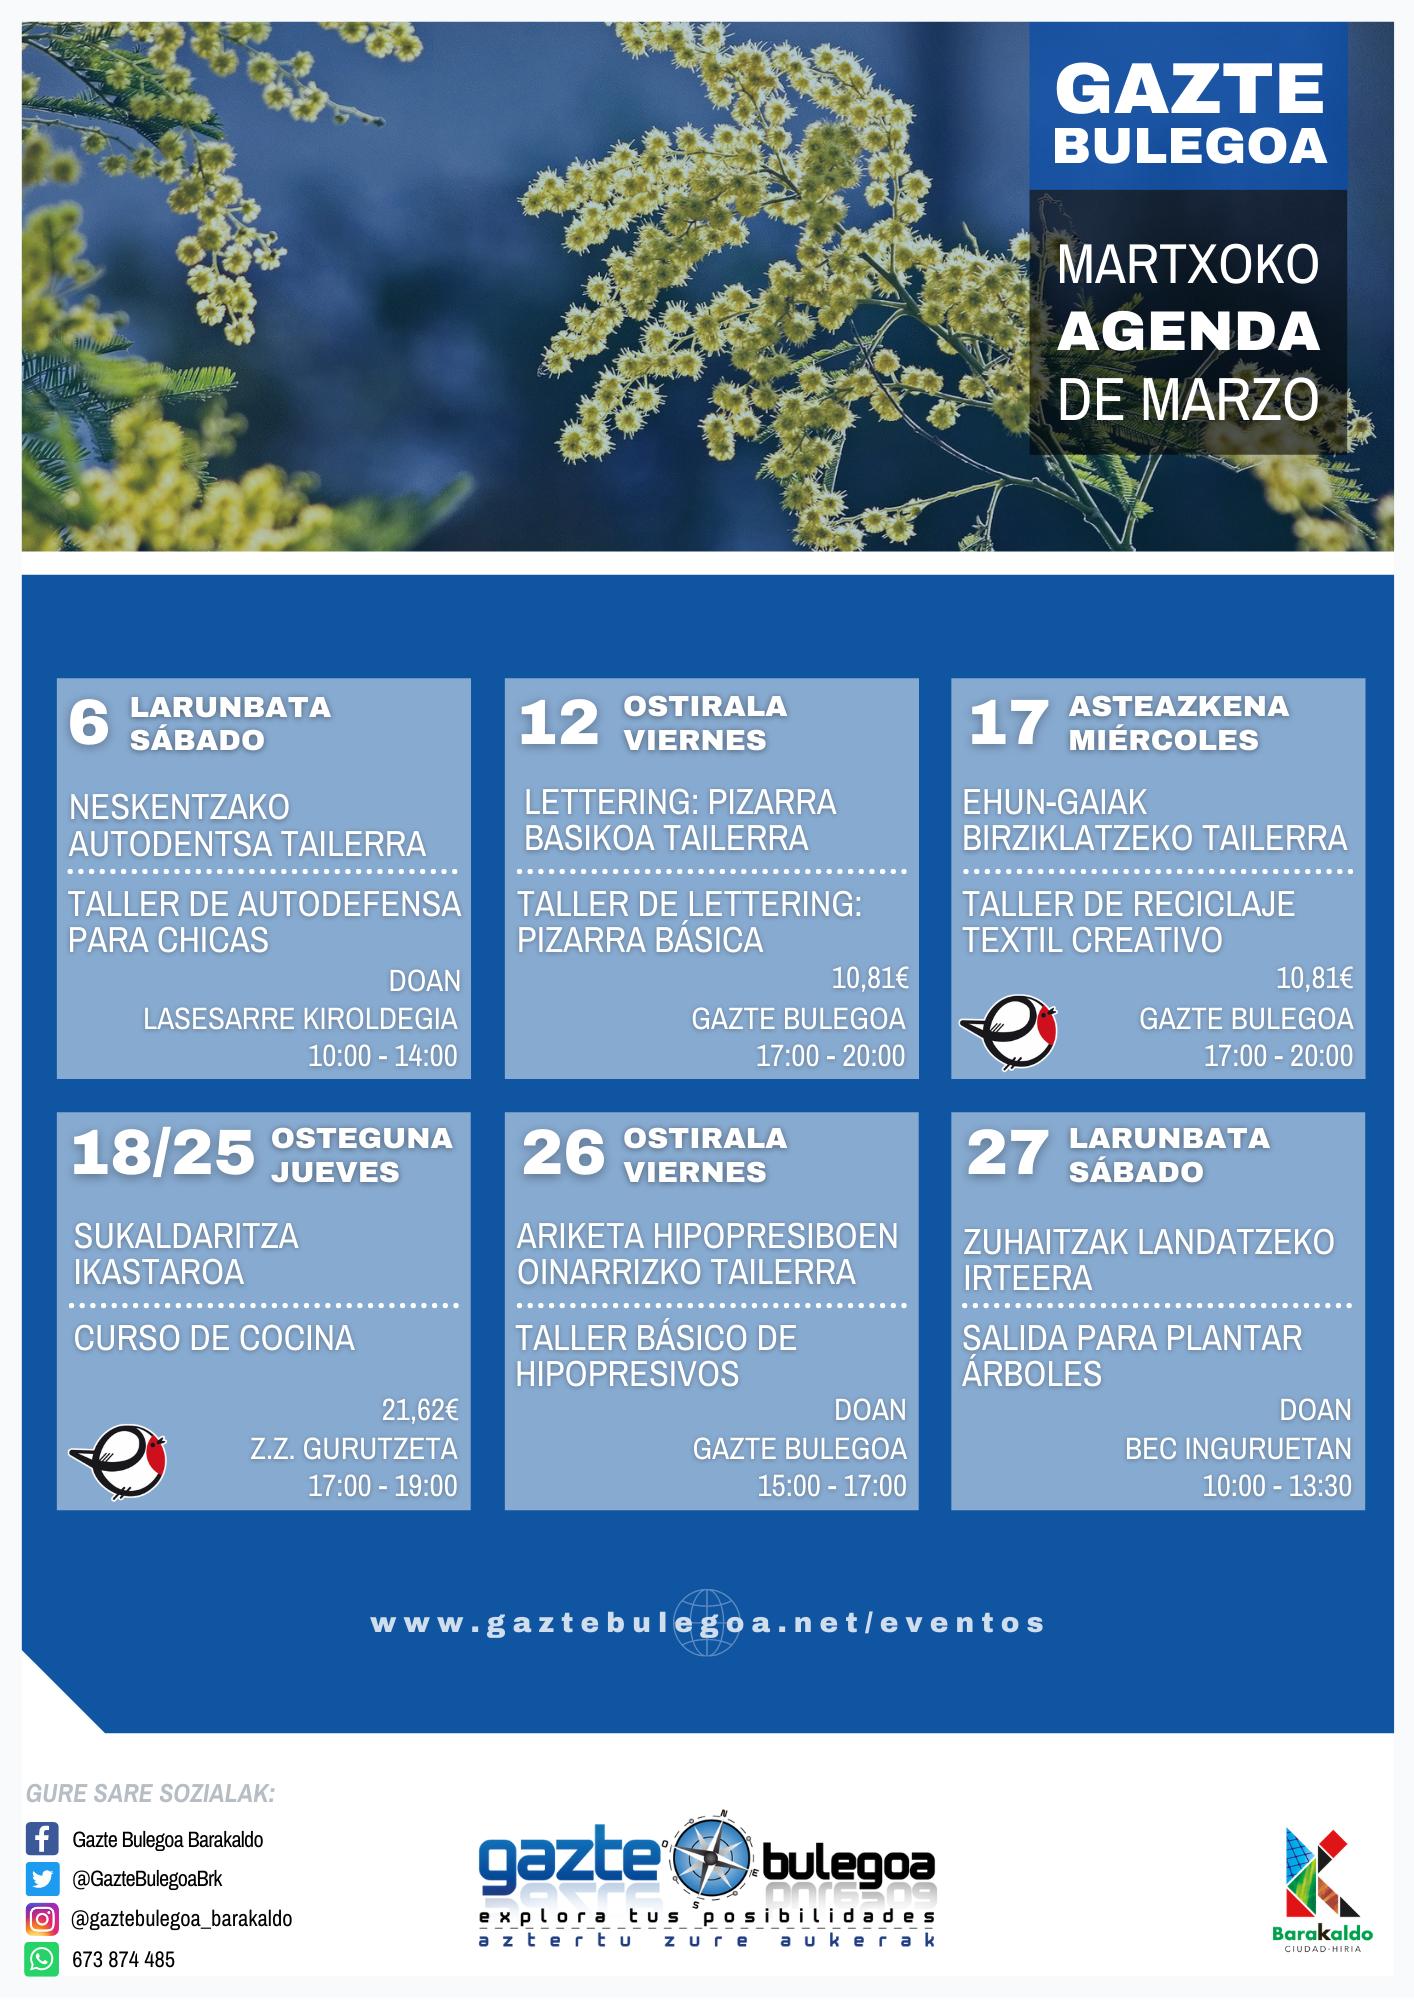 Calendario de Actividades de Gazte Bulegoa